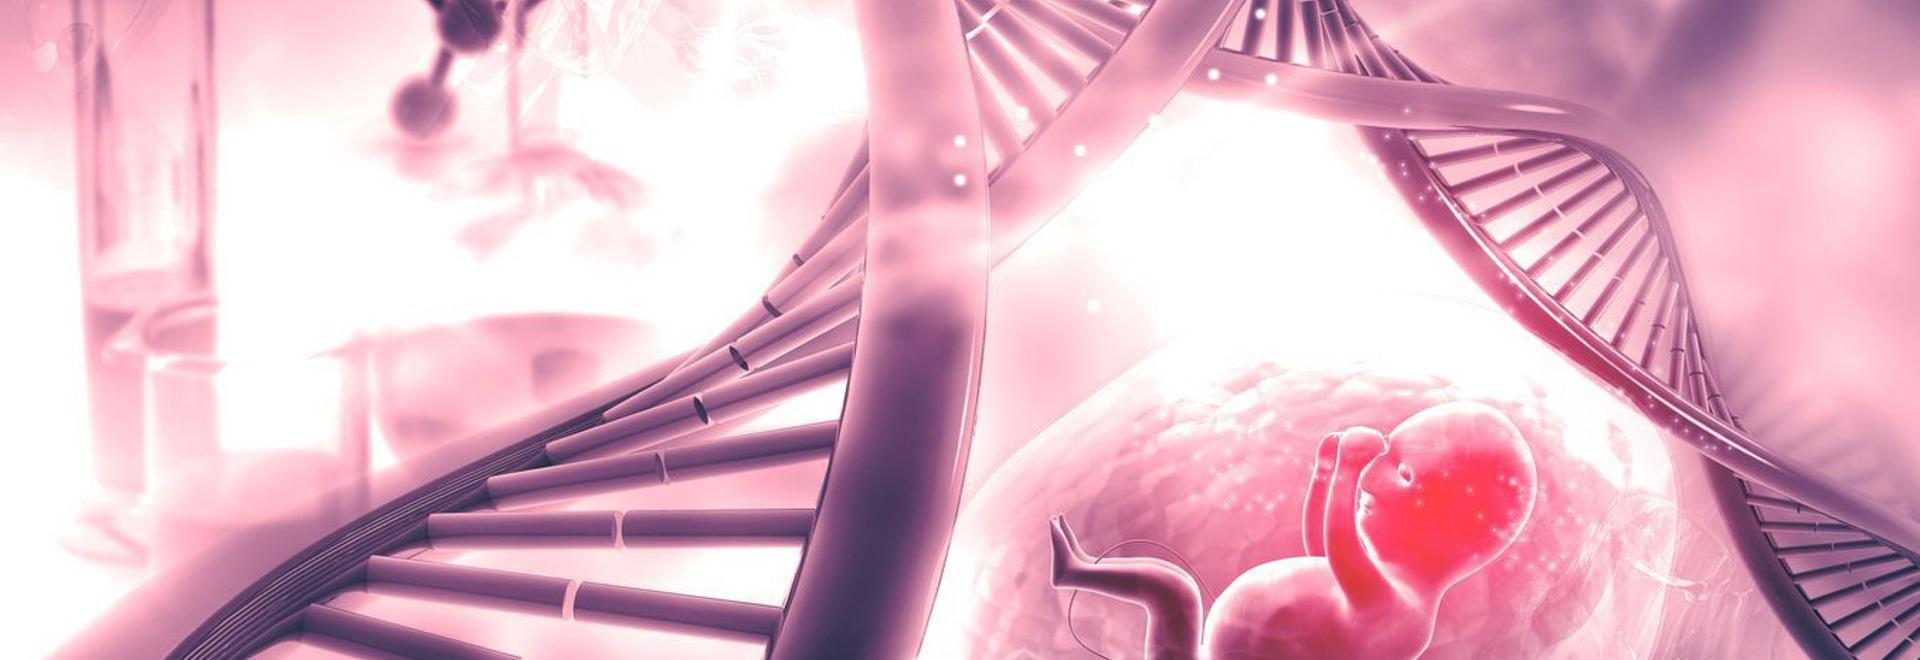 Pränatale Diagnose seltener Krankheiten: Der Beginn der nicht-invasiven Methoden